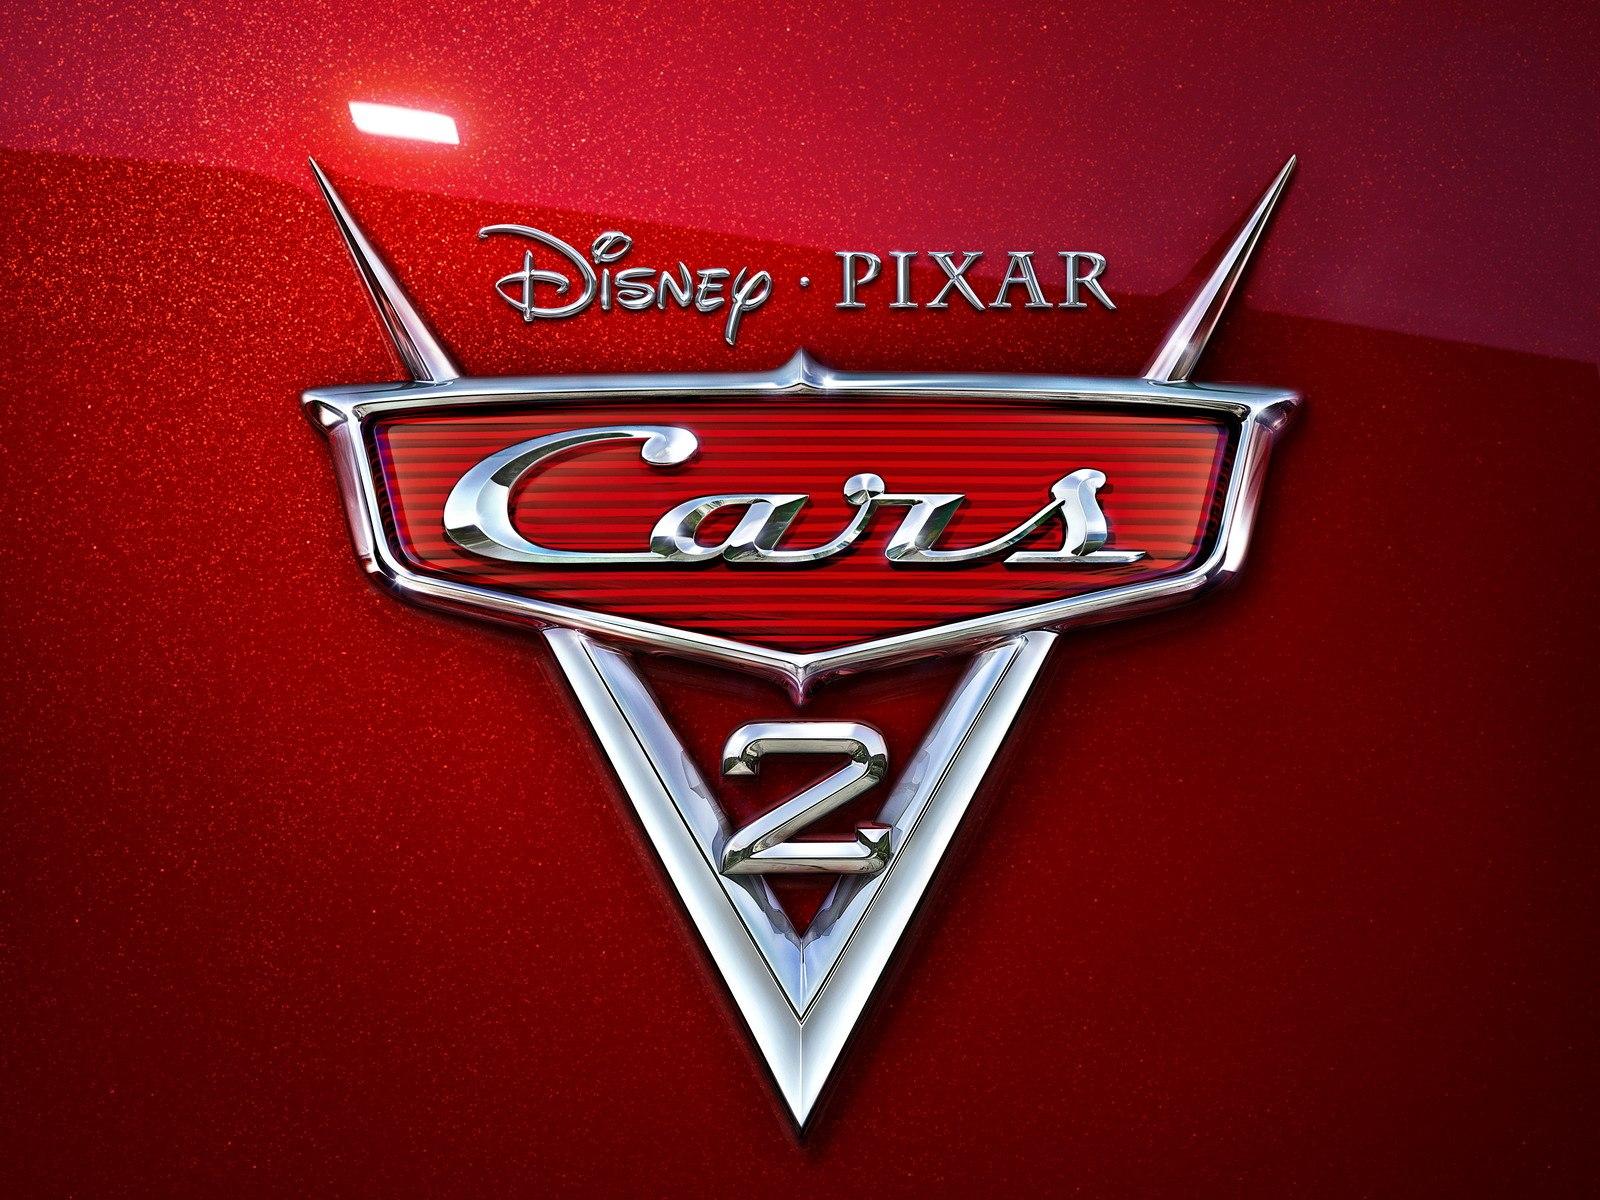 http://1.bp.blogspot.com/-FfqzMph0gBY/TvbdjHXntGI/AAAAAAAACDo/INm9G5sjk2M/s1600/Cars-2-Wallpaper-27.jpg